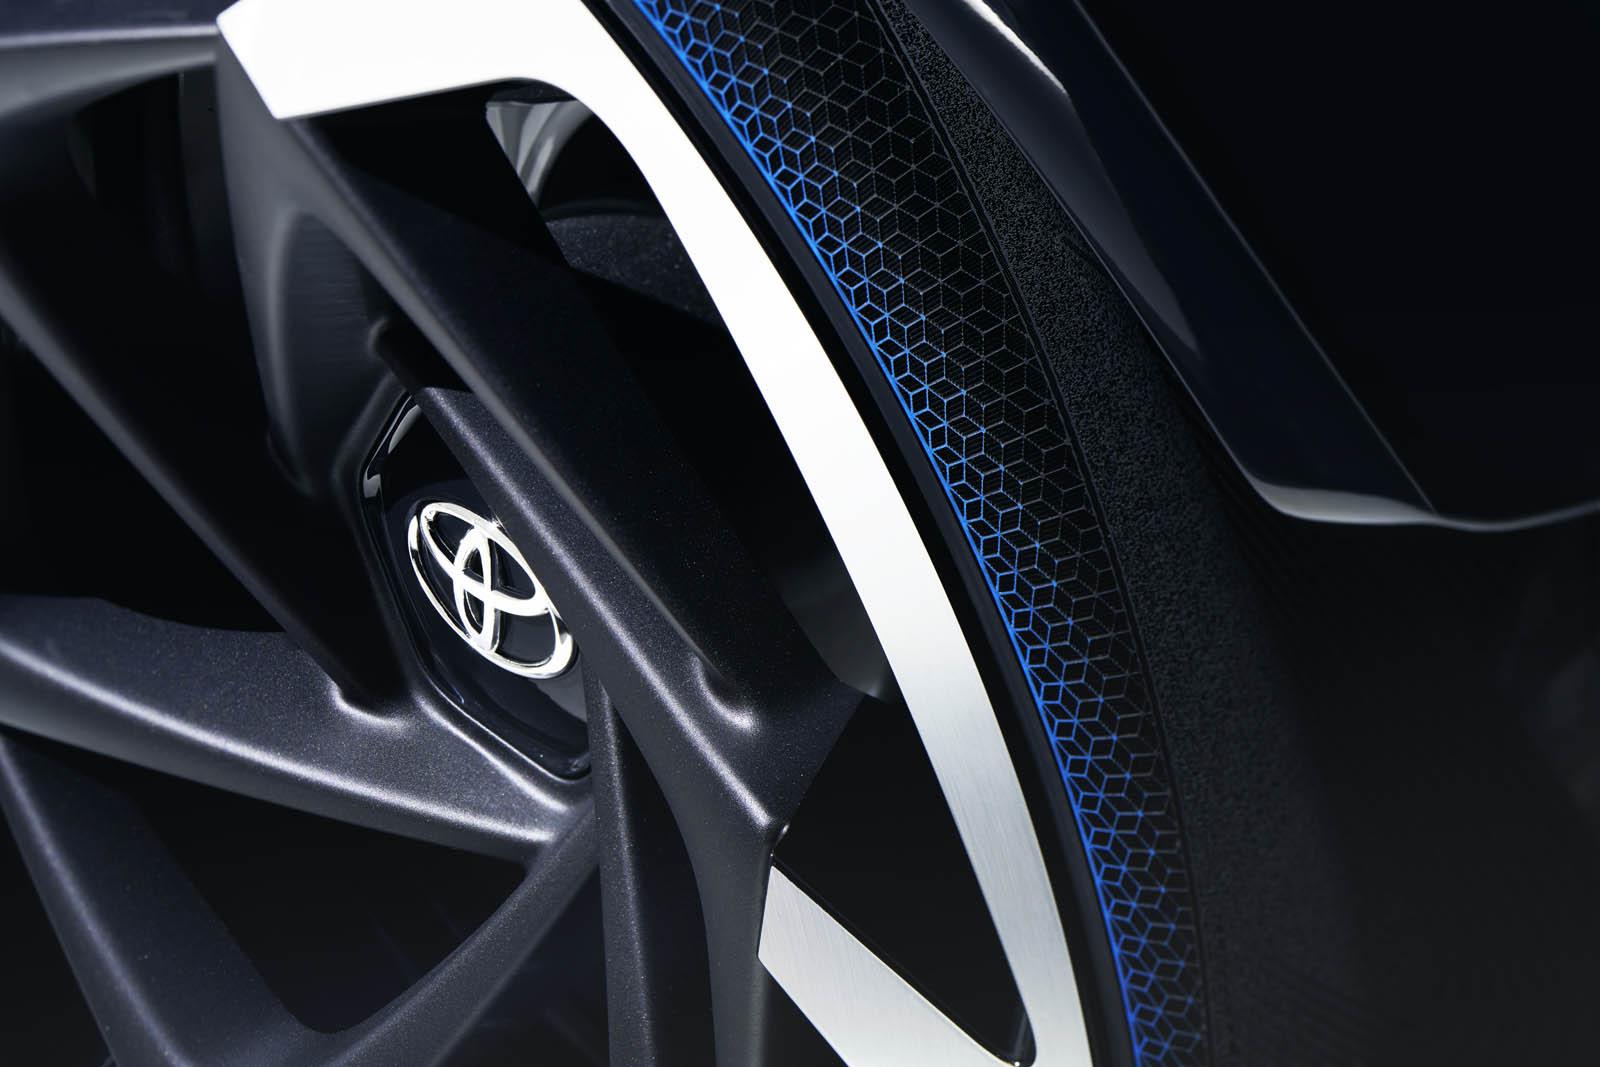 2017_Toyota_Concept_i-Tril_ExteriorDet_01 copy